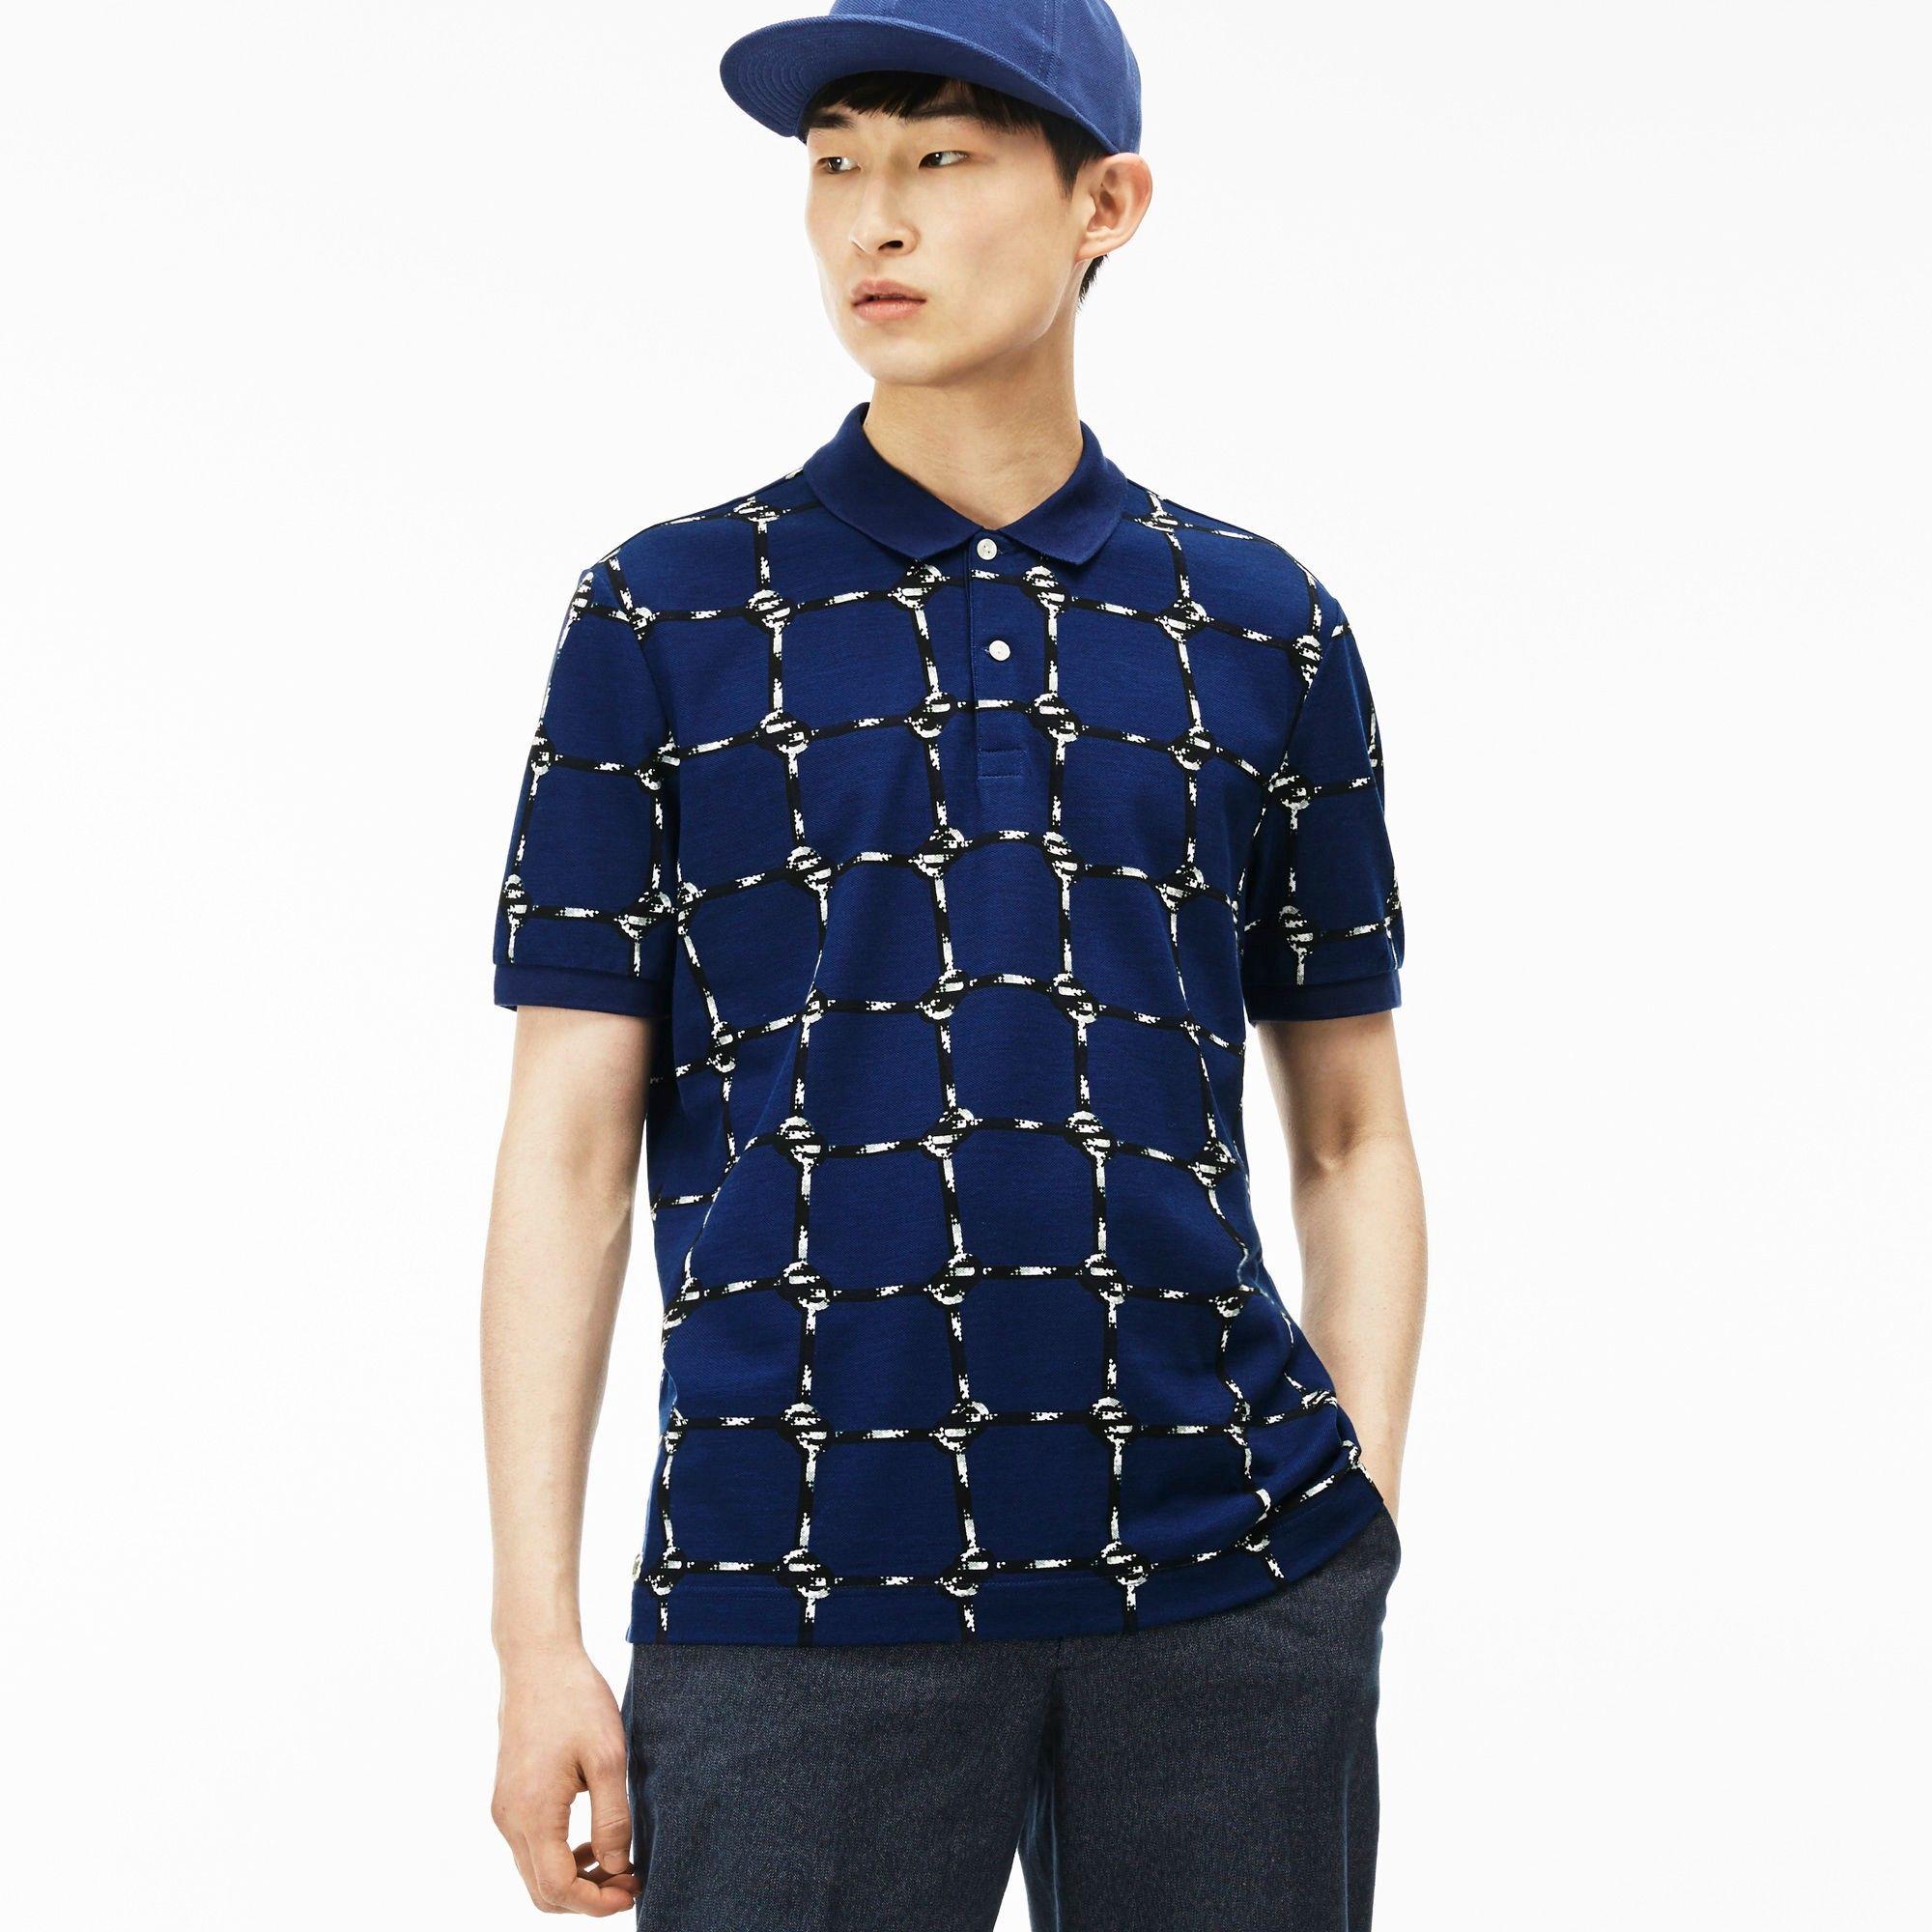 b8af0453 LACOSTE Men'S L!Ve Rope Graphic Print Mini Piqué Polo Shirt ...